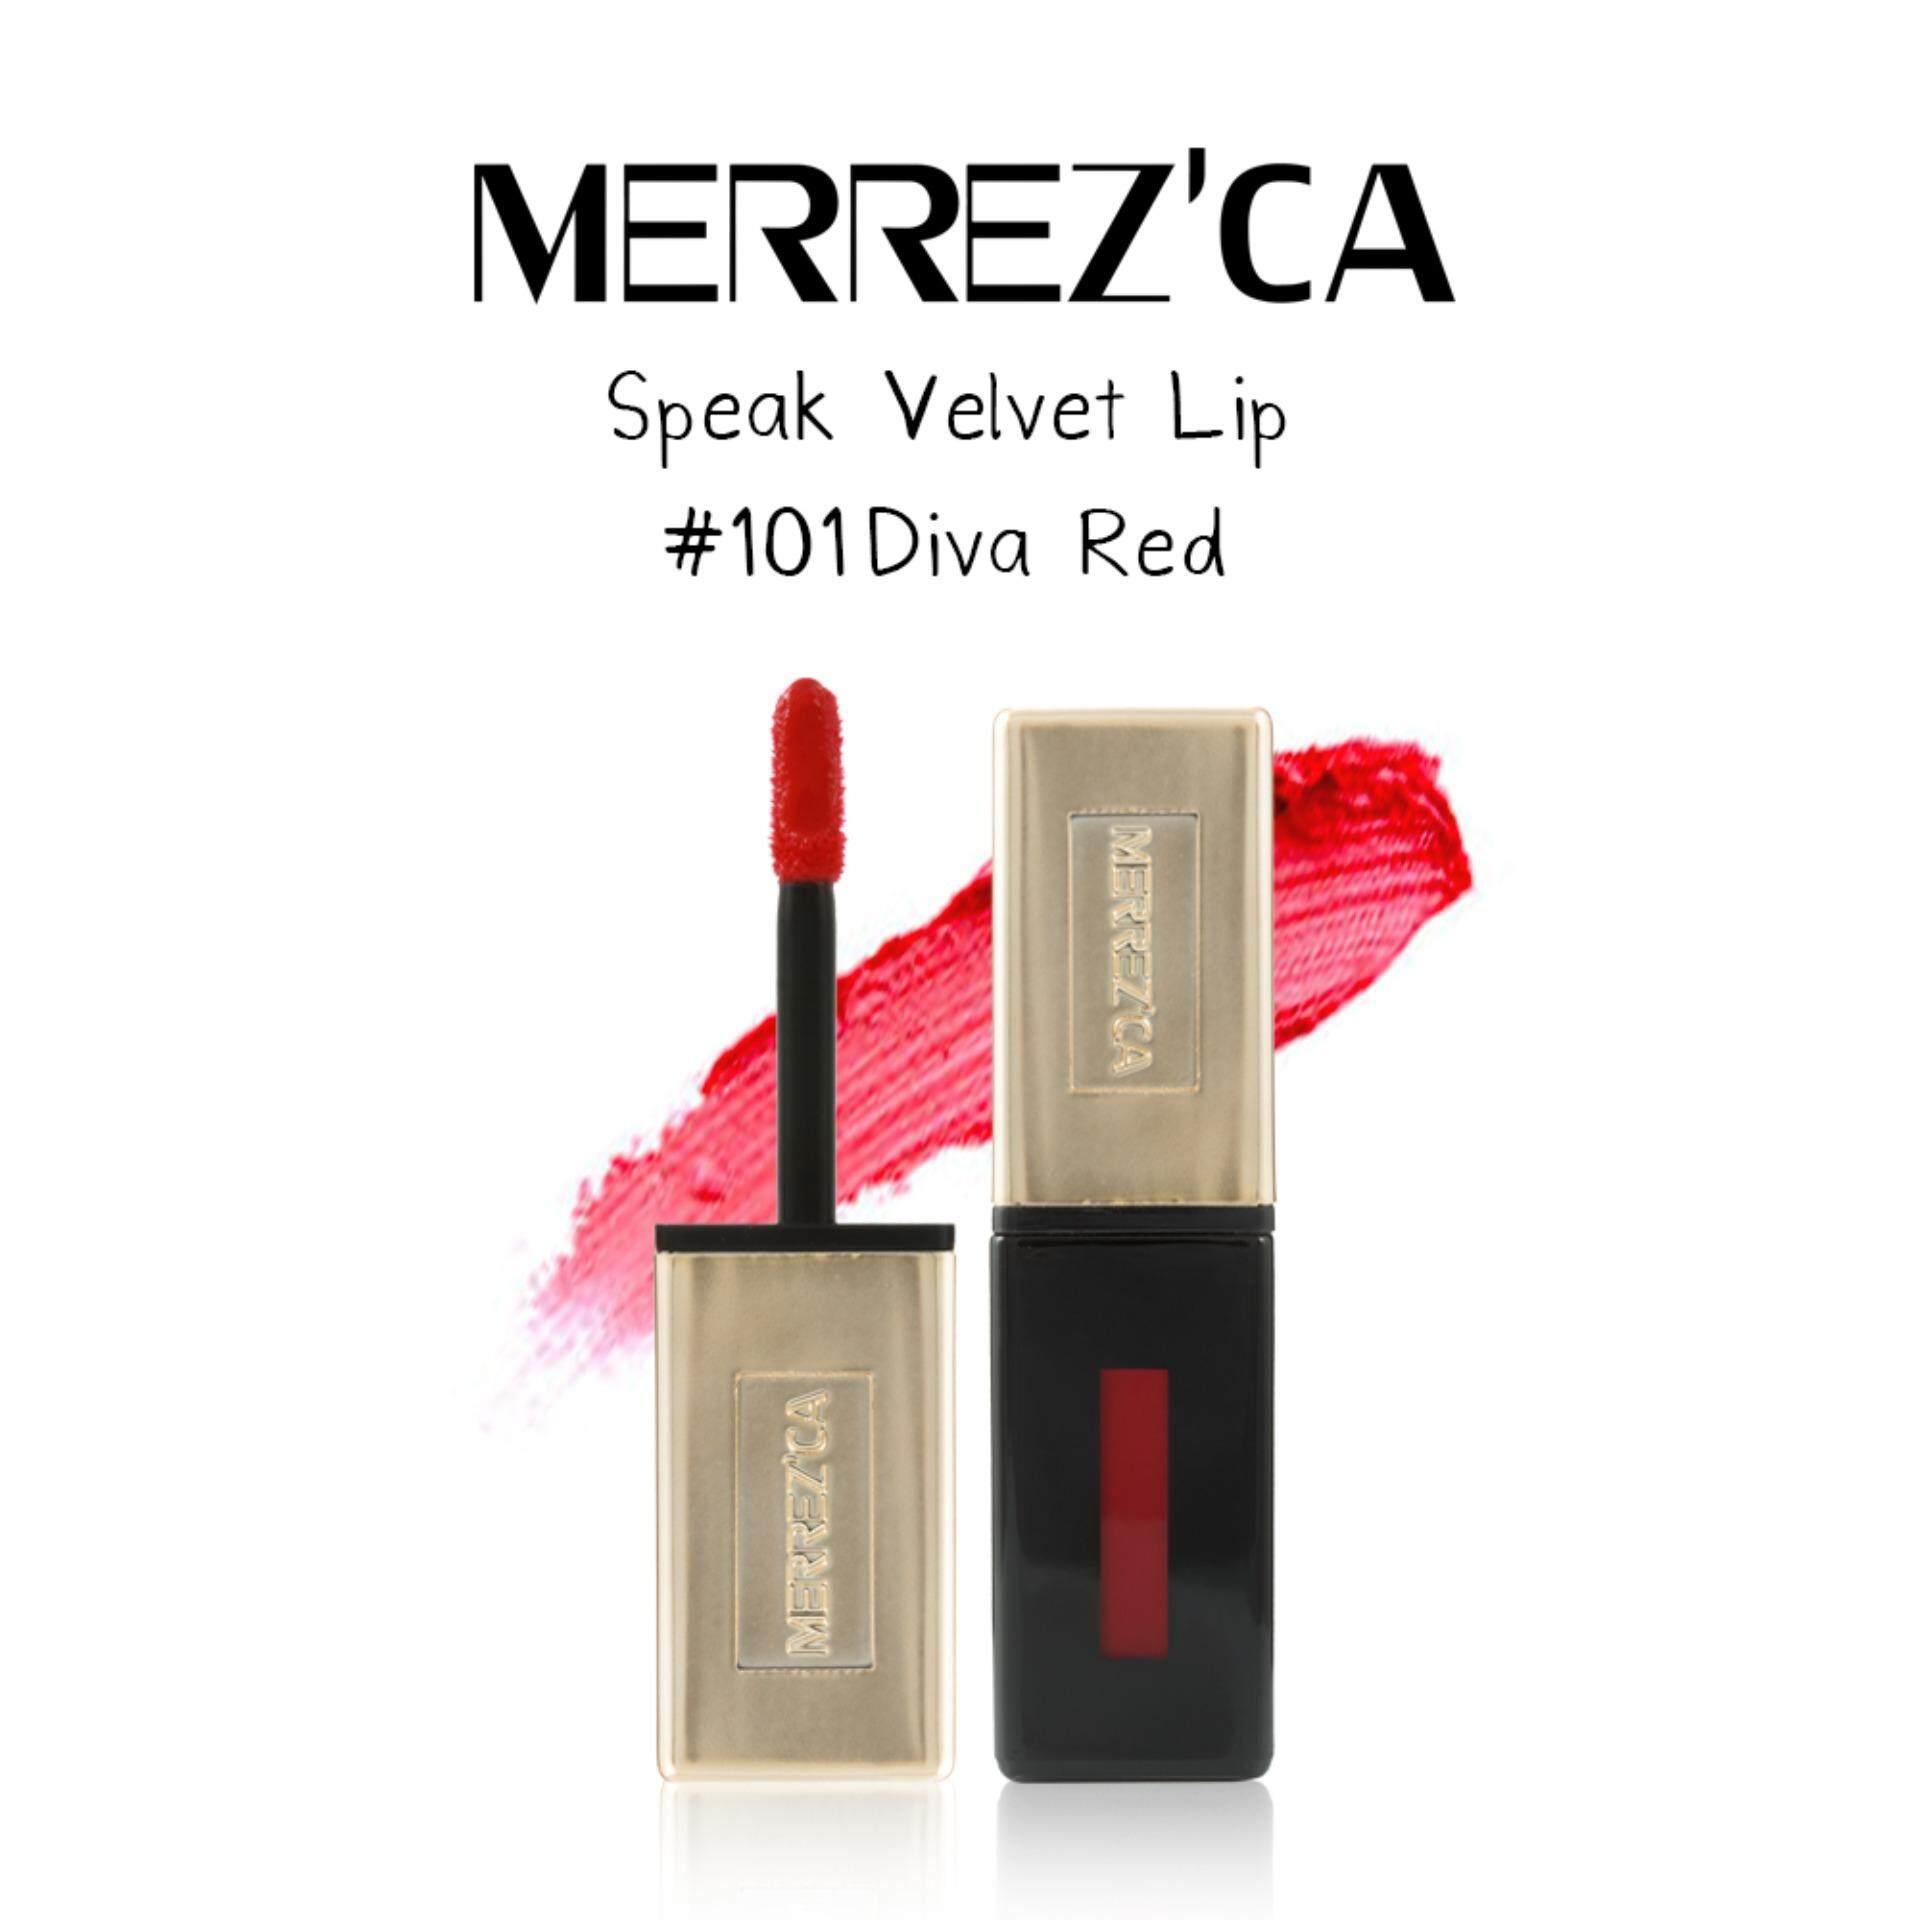 ขาย Merrezca Speak Velvet Lip 101 Diva Red ถูก กรุงเทพมหานคร